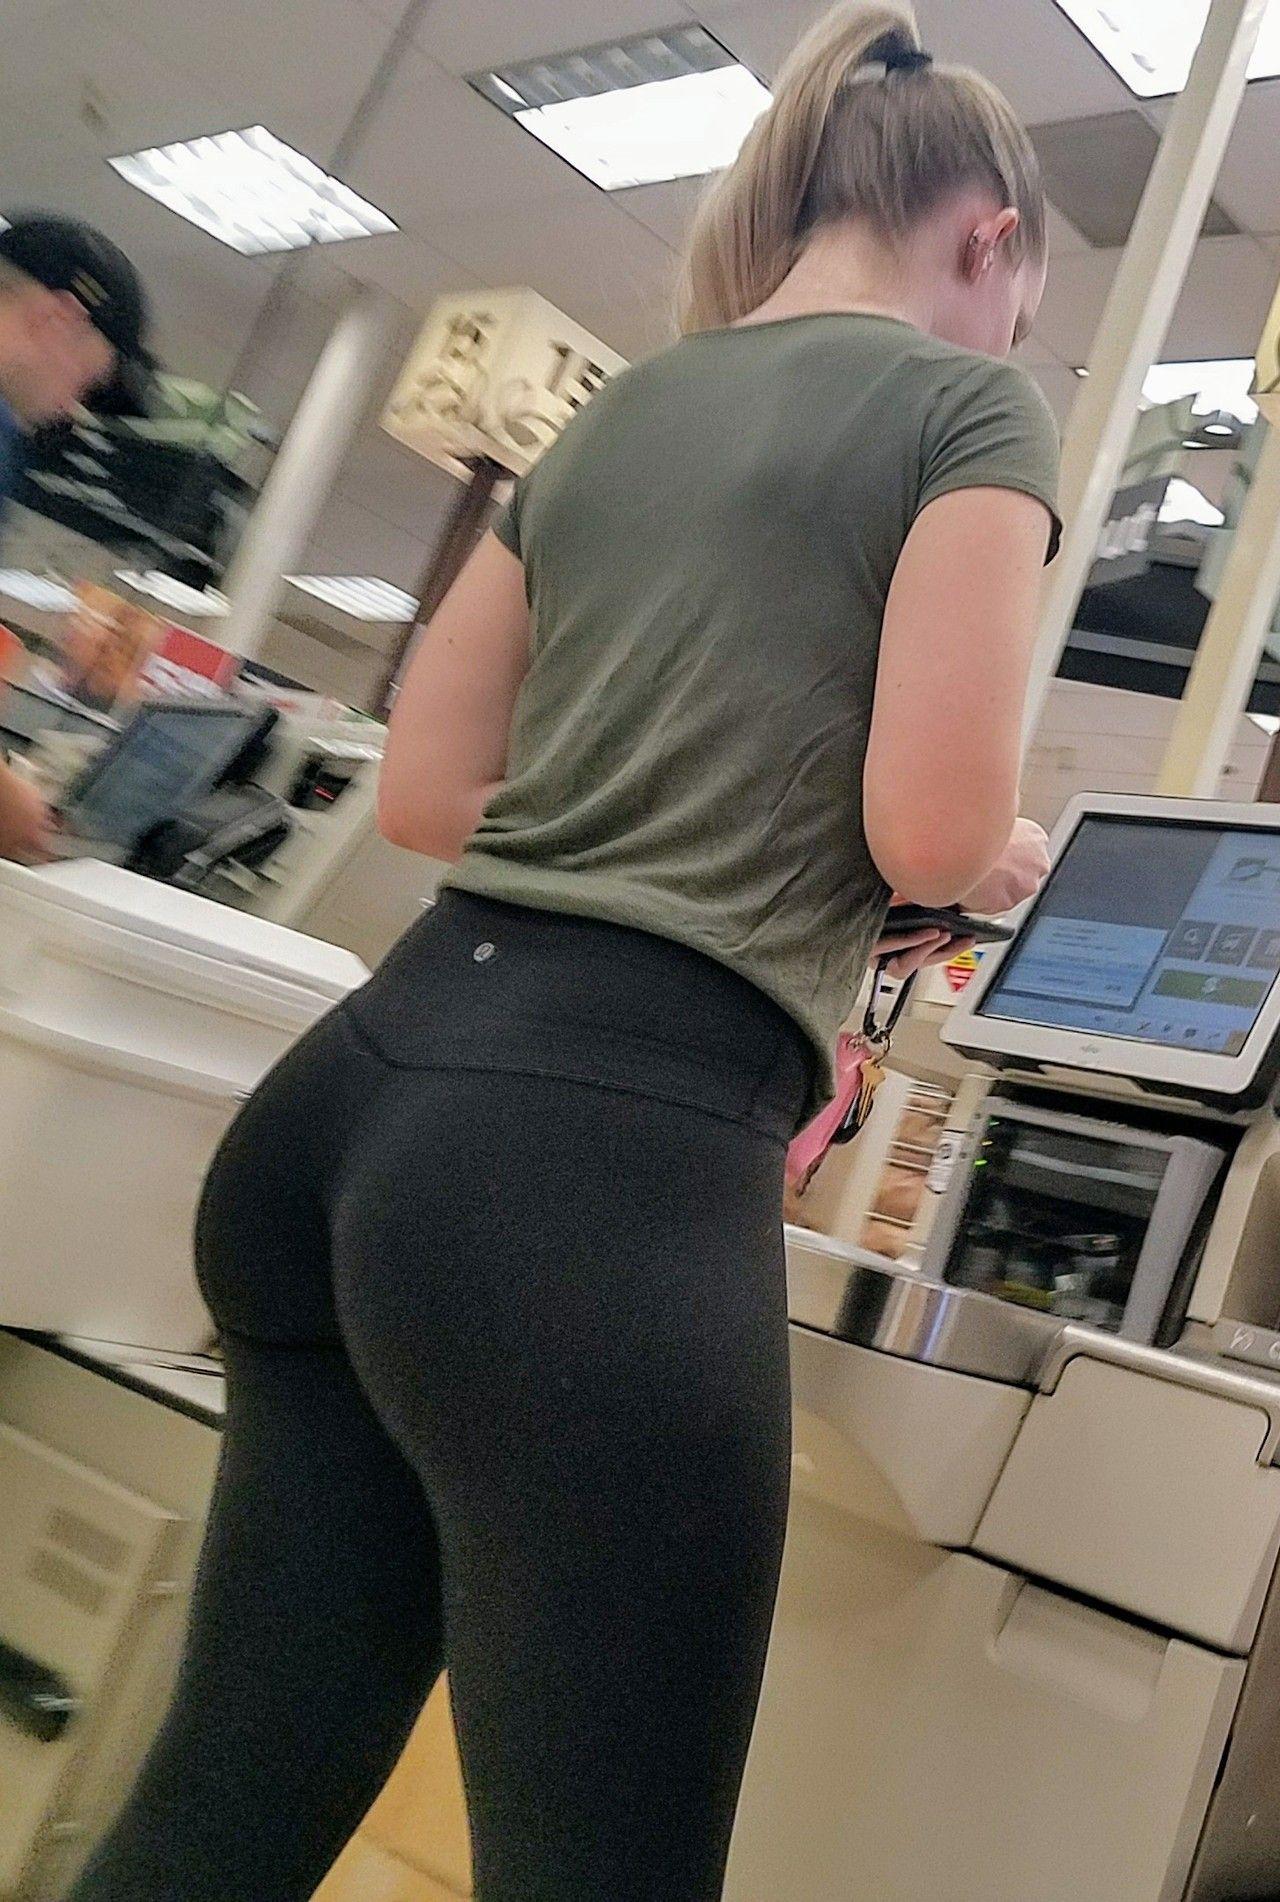 ass college nice girls